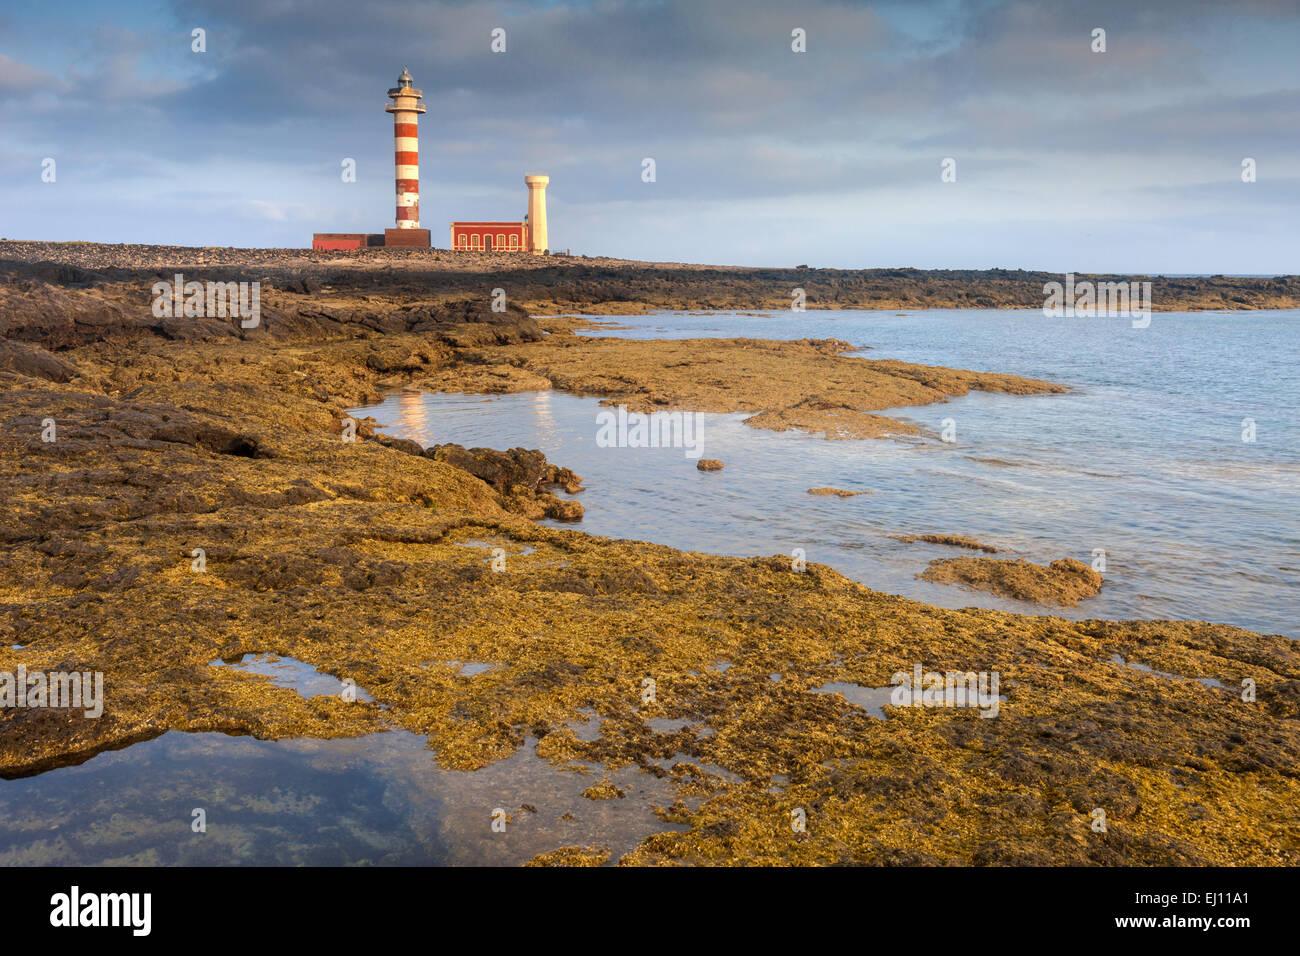 Faro de El Toston, Spain, Europe, Canary islands, Fuerteventura, coast, rock, cliff, lighthouse - Stock Image